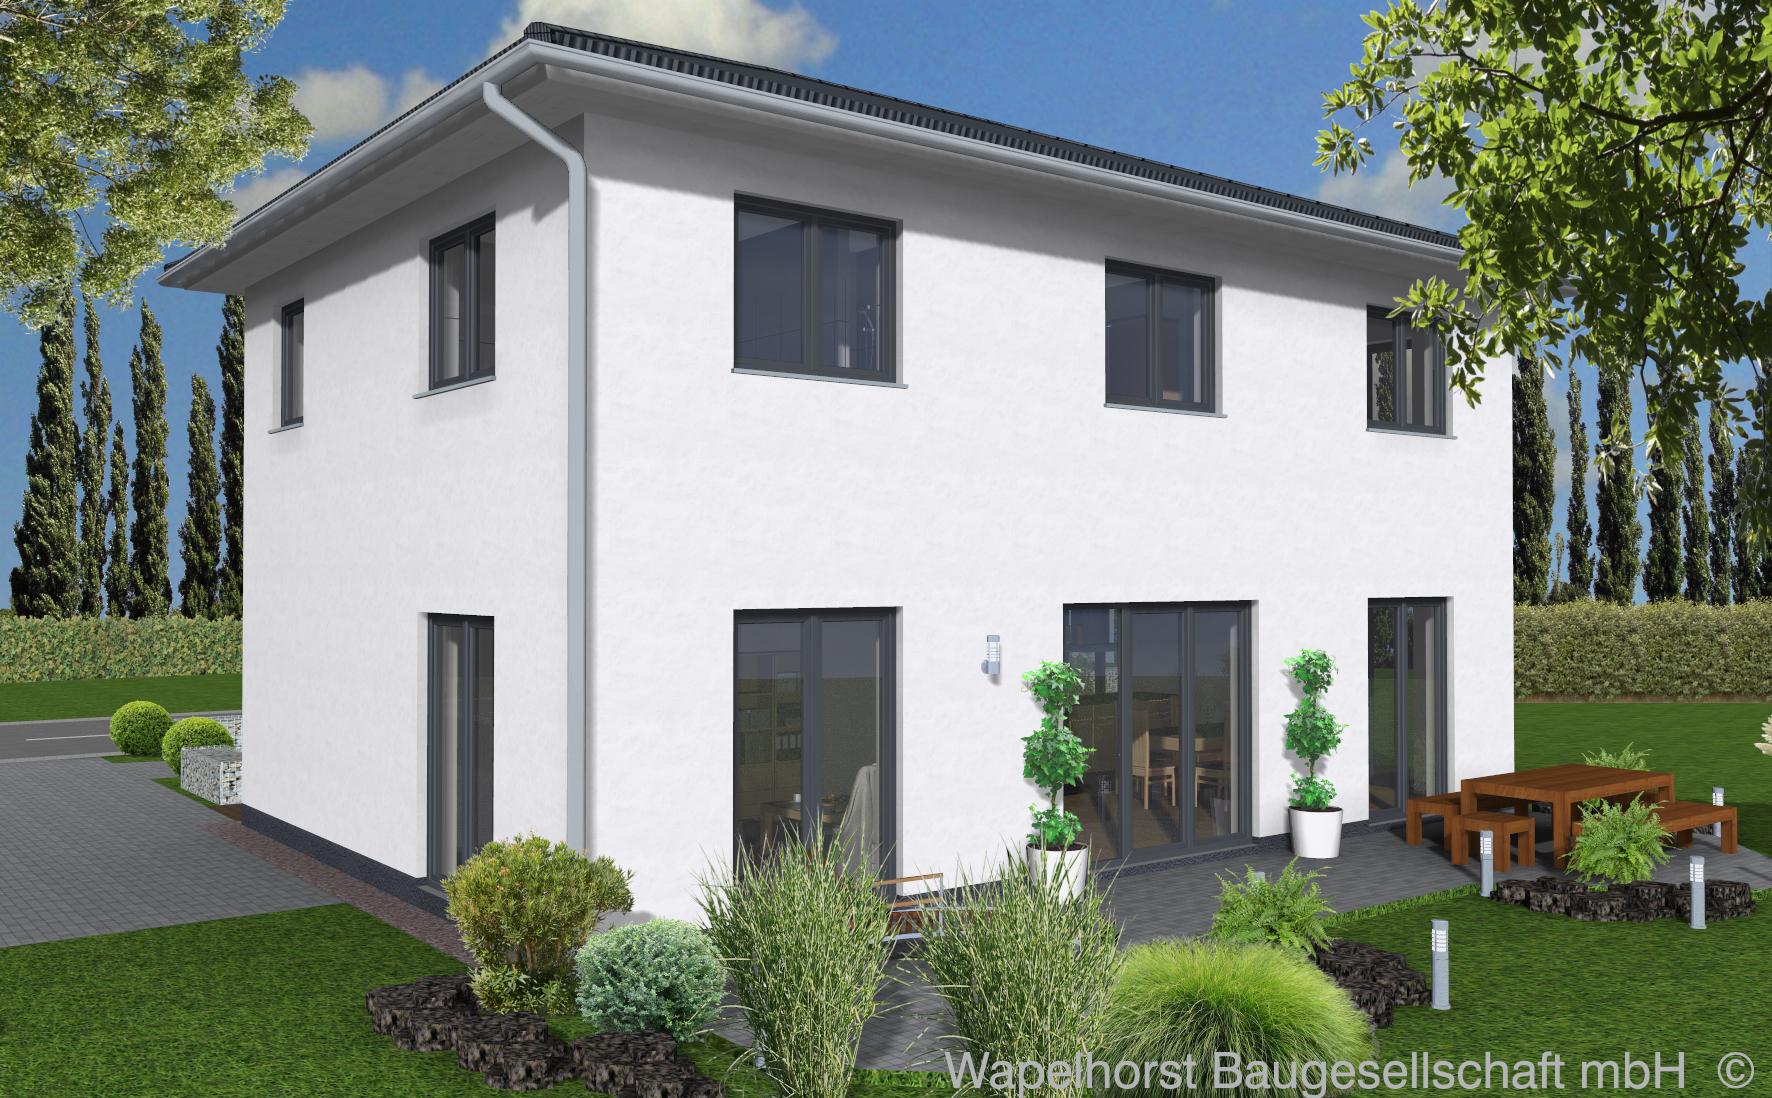 einfamilienhaus 1 200 wapelhorst planen und bauen. Black Bedroom Furniture Sets. Home Design Ideas